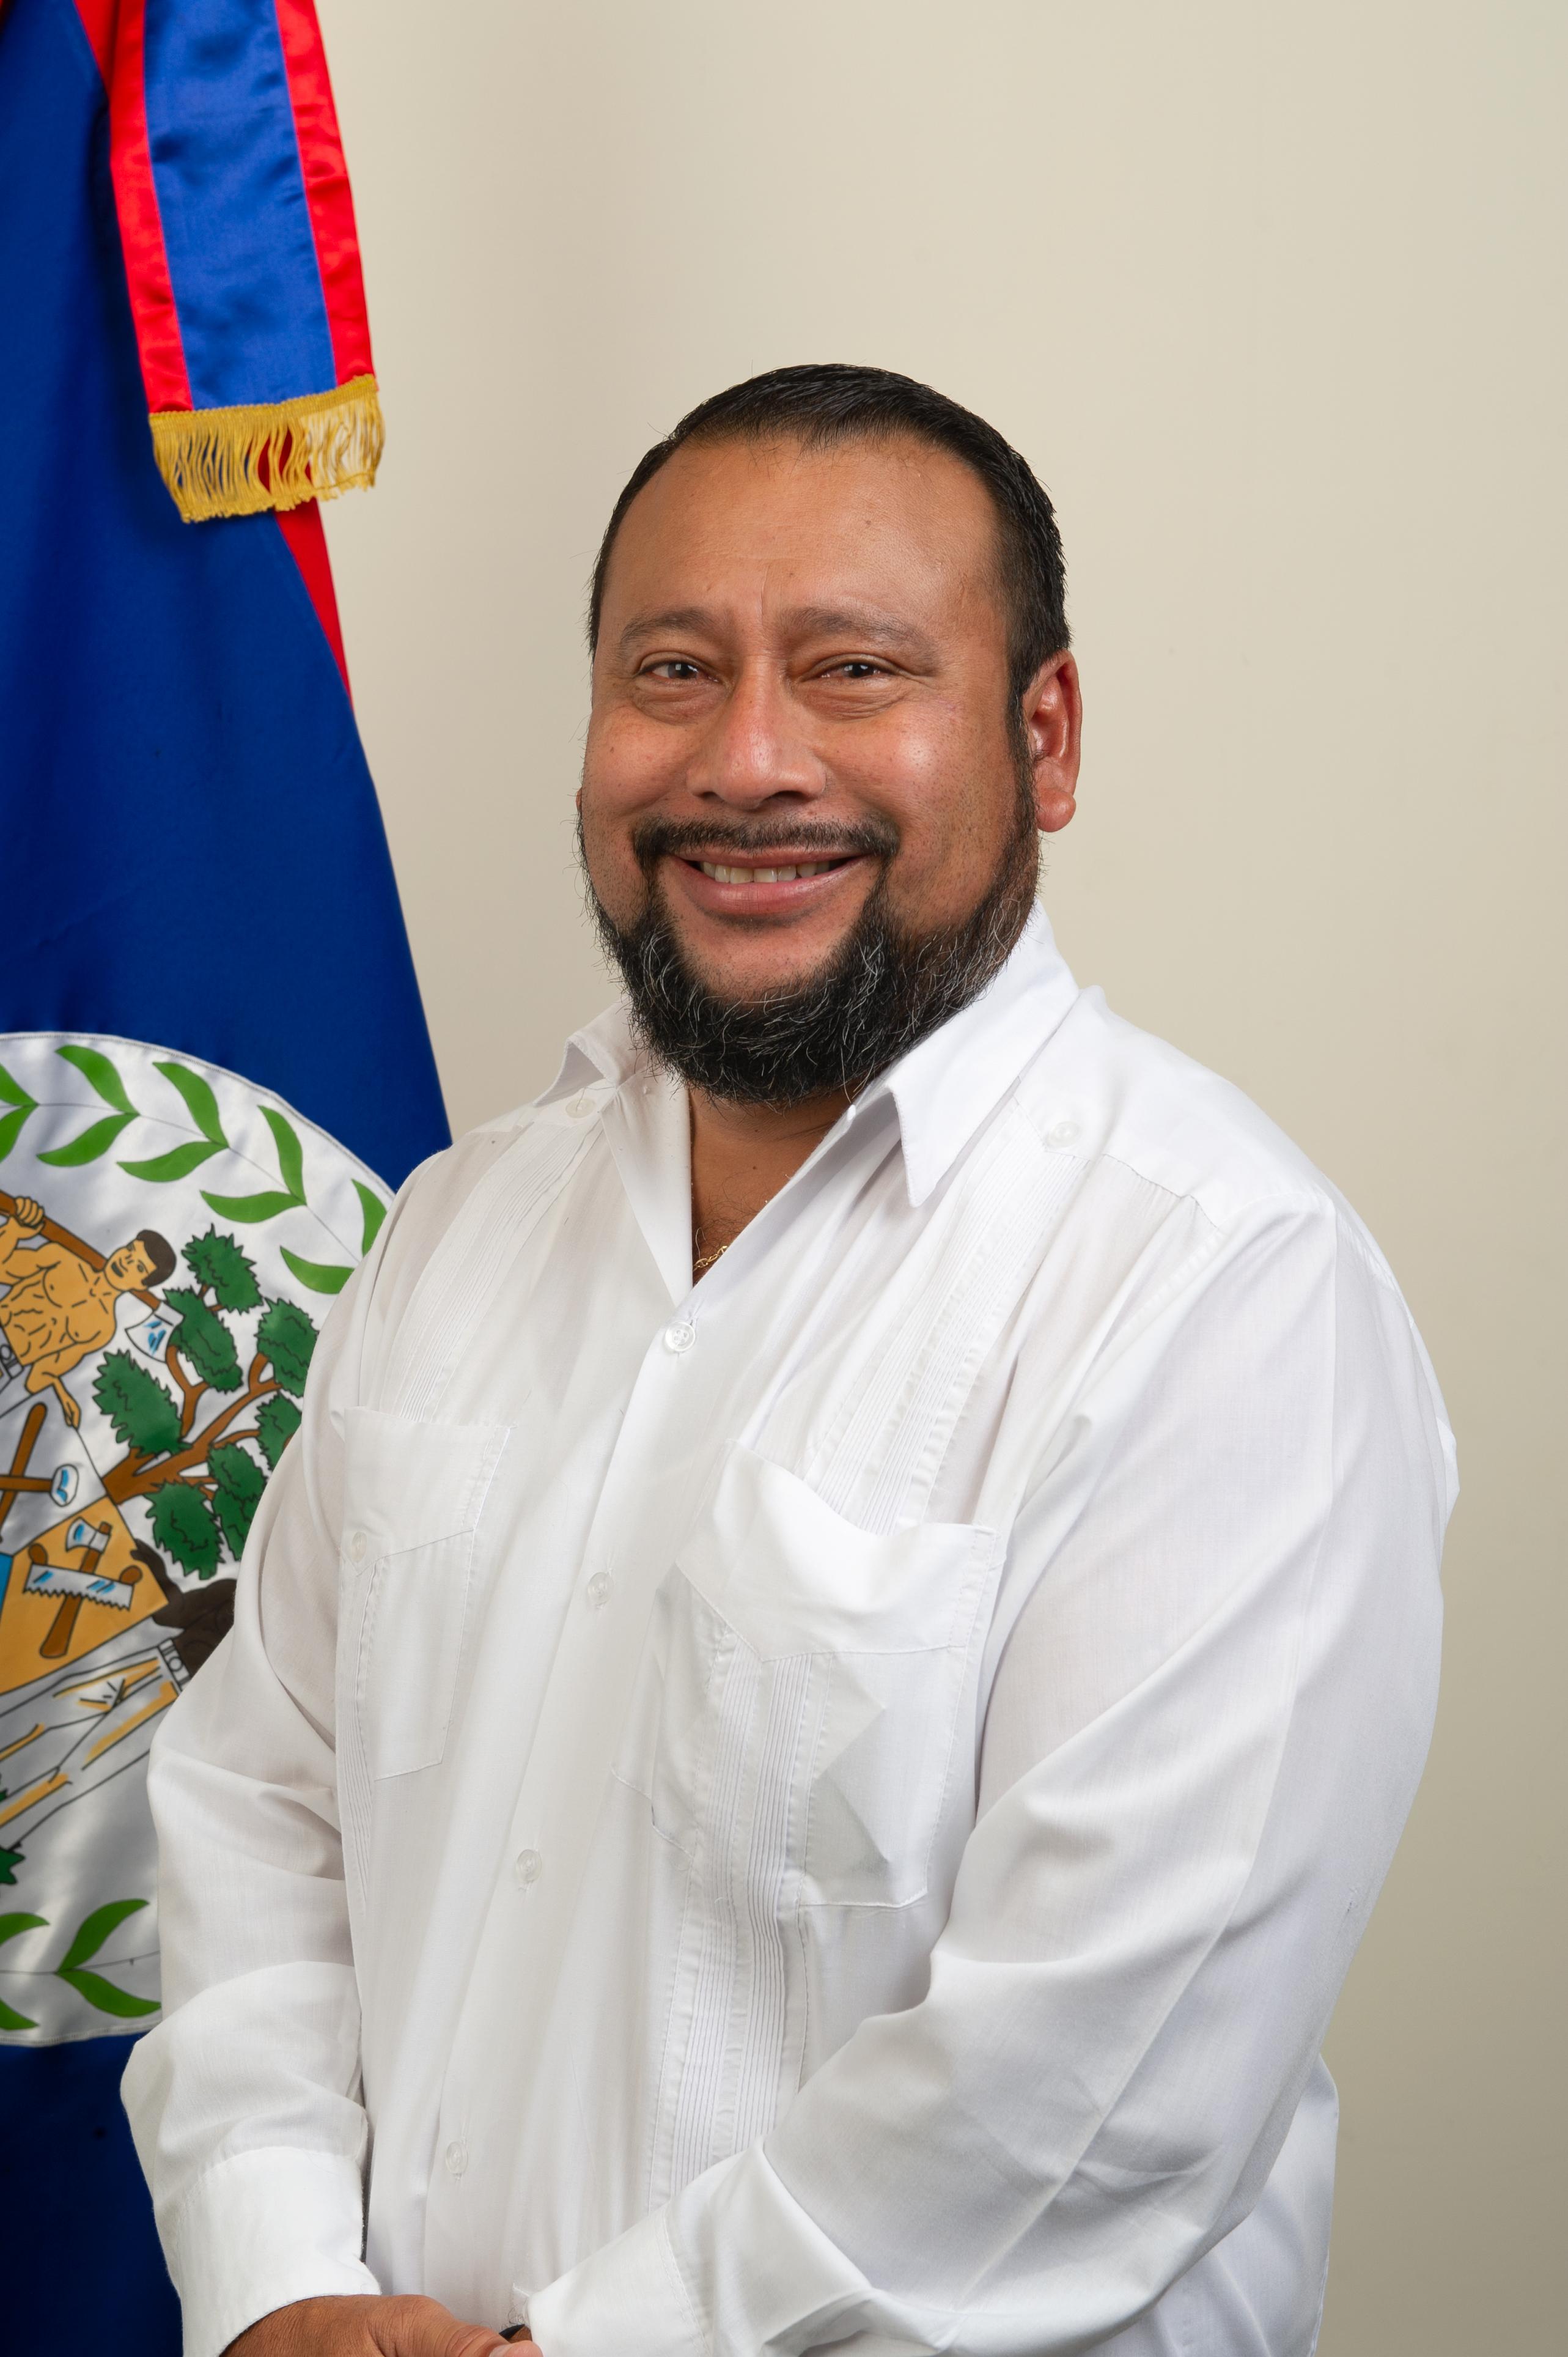 Hon. Jose Abelardo Mai